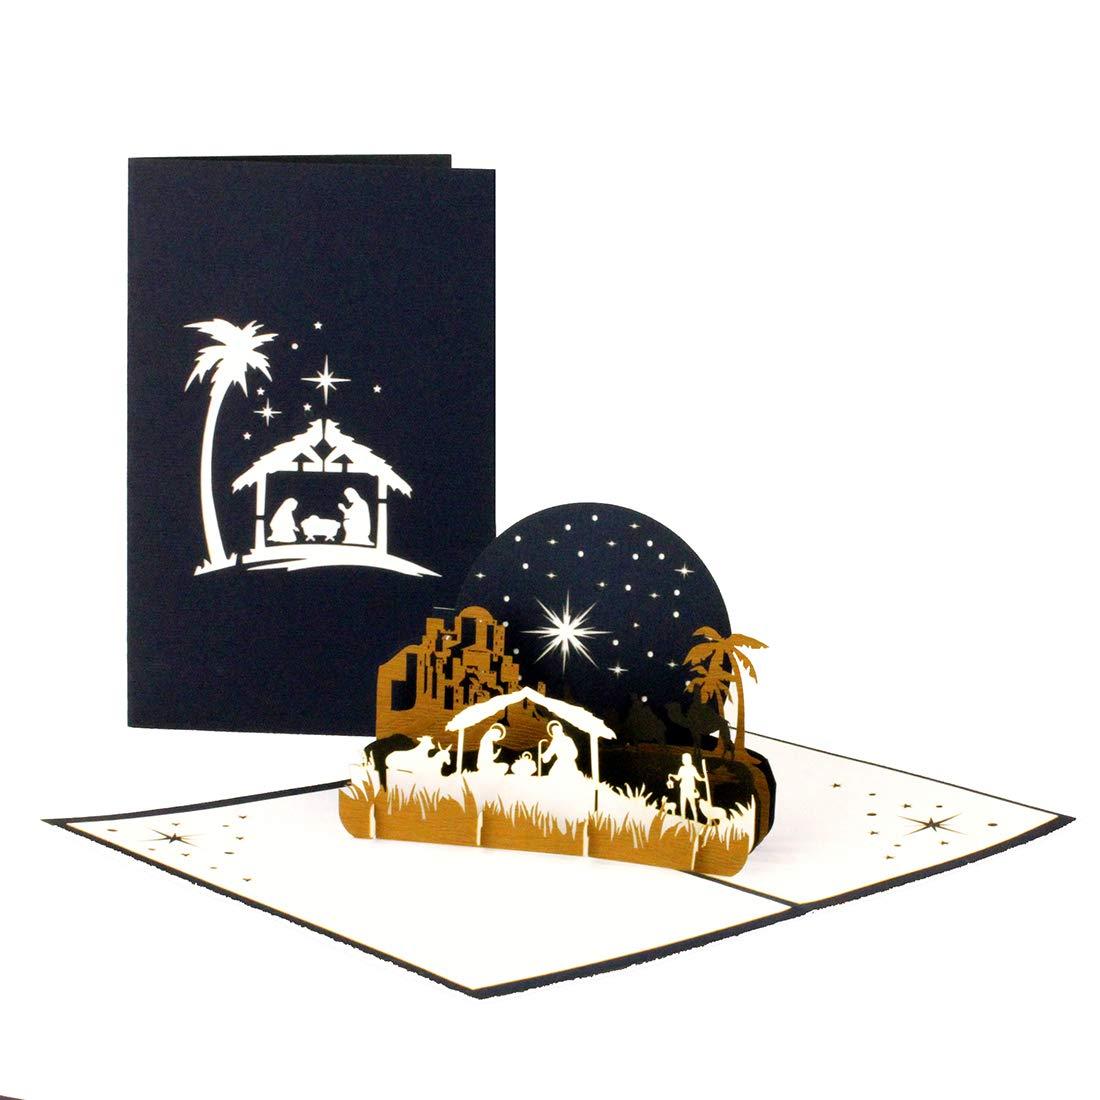 """3D Weihnachtskarte /""""Heilige Familie Weihnachten/"""" Edle Pop-Up Karte zu Weihnachten mit Krippe in Blau /& Wei/ß"""